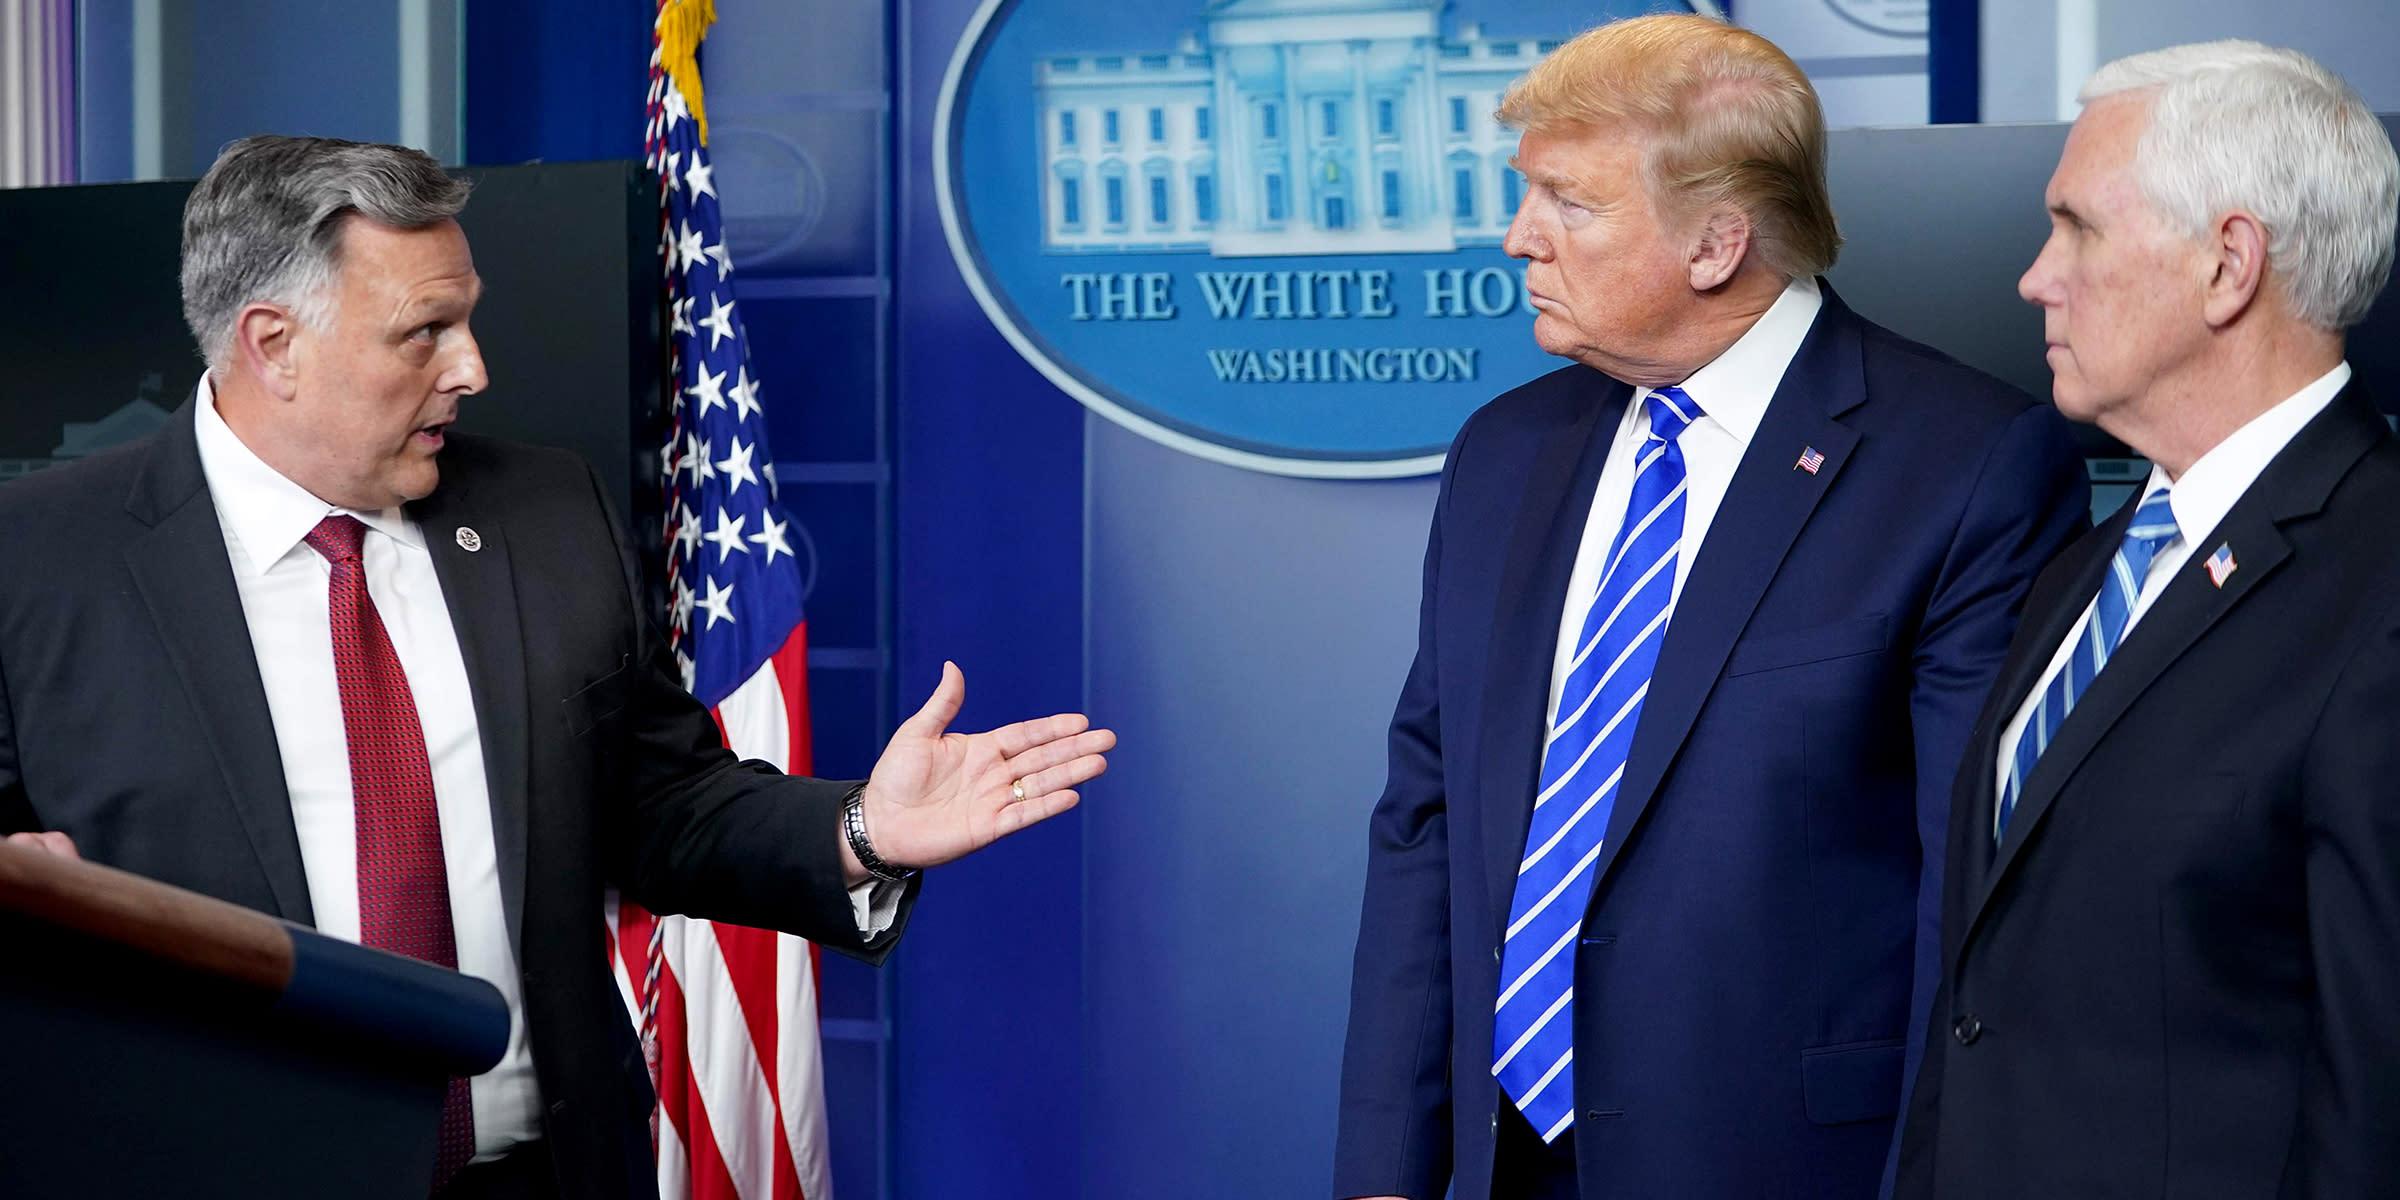 Trump backtracks on bleach injection treatment claim